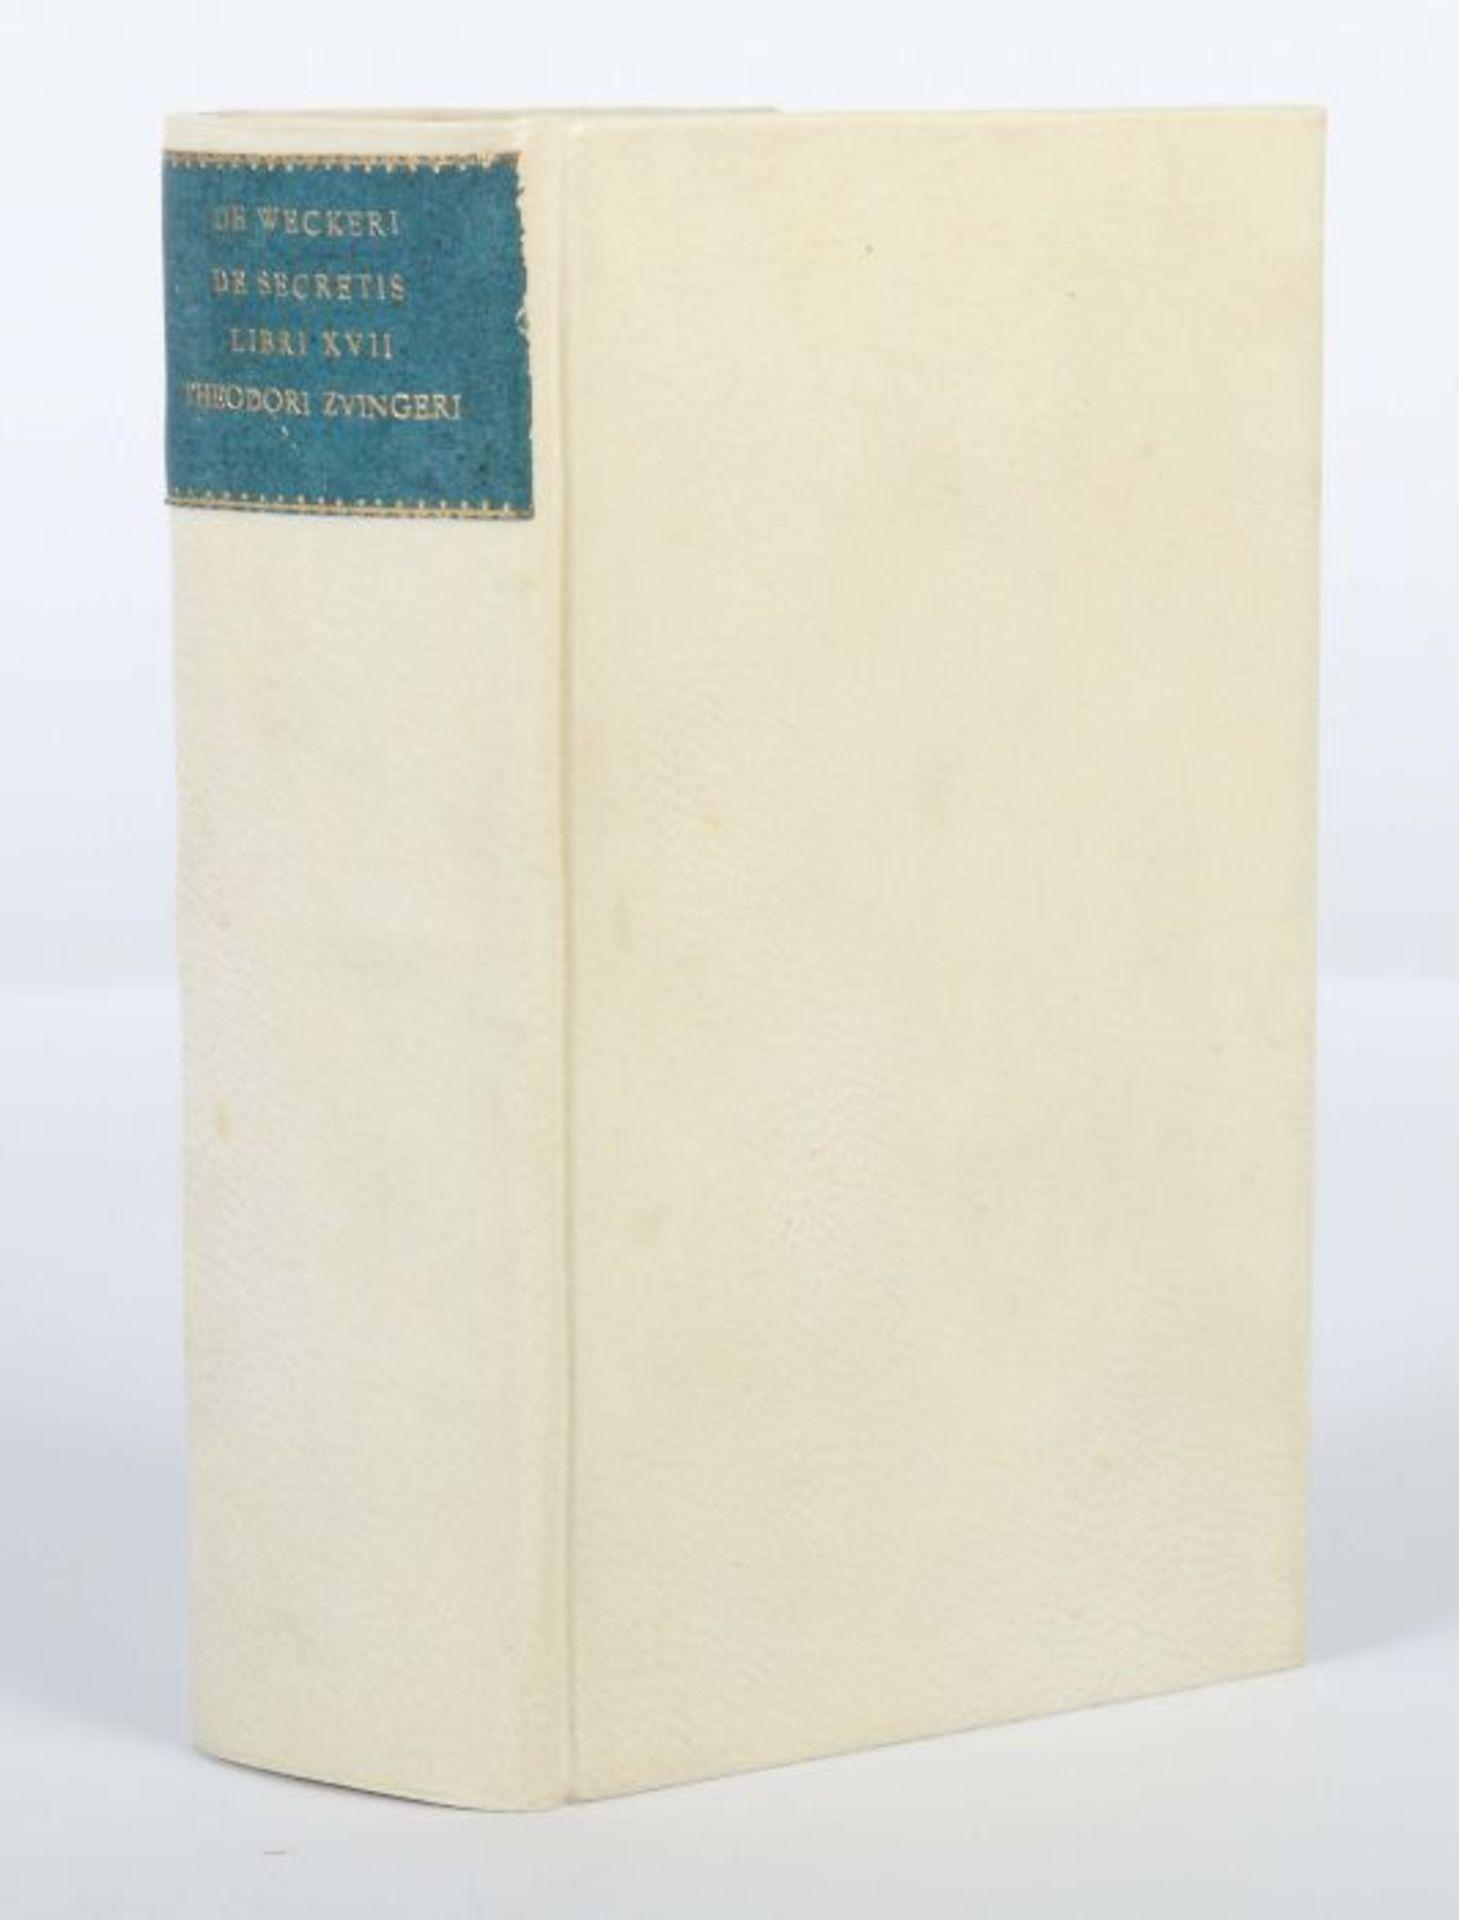 Wecker, Joh(ann) Jac(ob) De secretis libro XVII. Ex variis Auctoribus collecti, methodice - Bild 5 aus 5